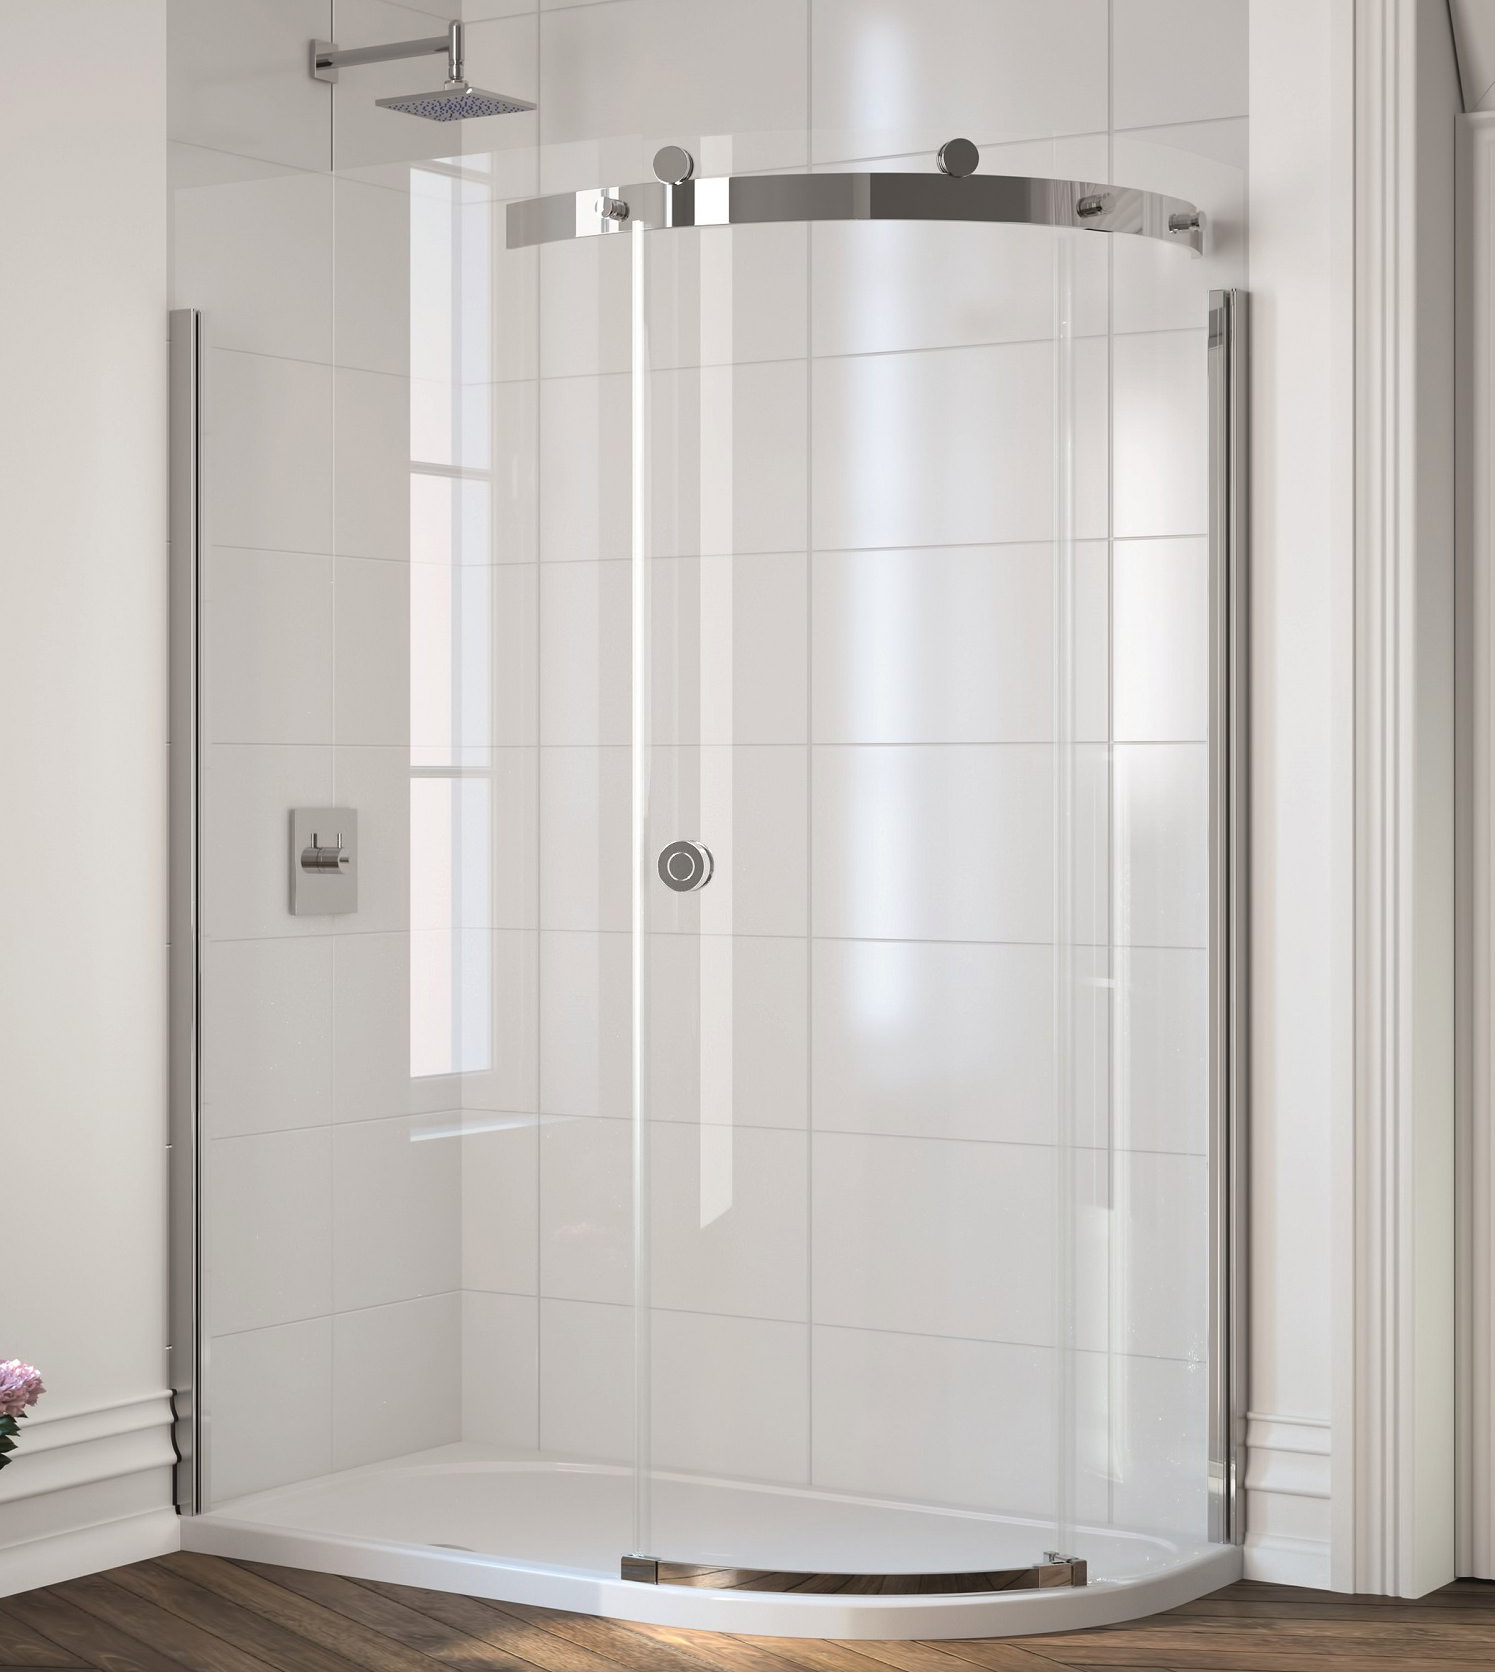 Merlyn 10 Series 1 Door Offset Quadrant Enclosure 1400 X